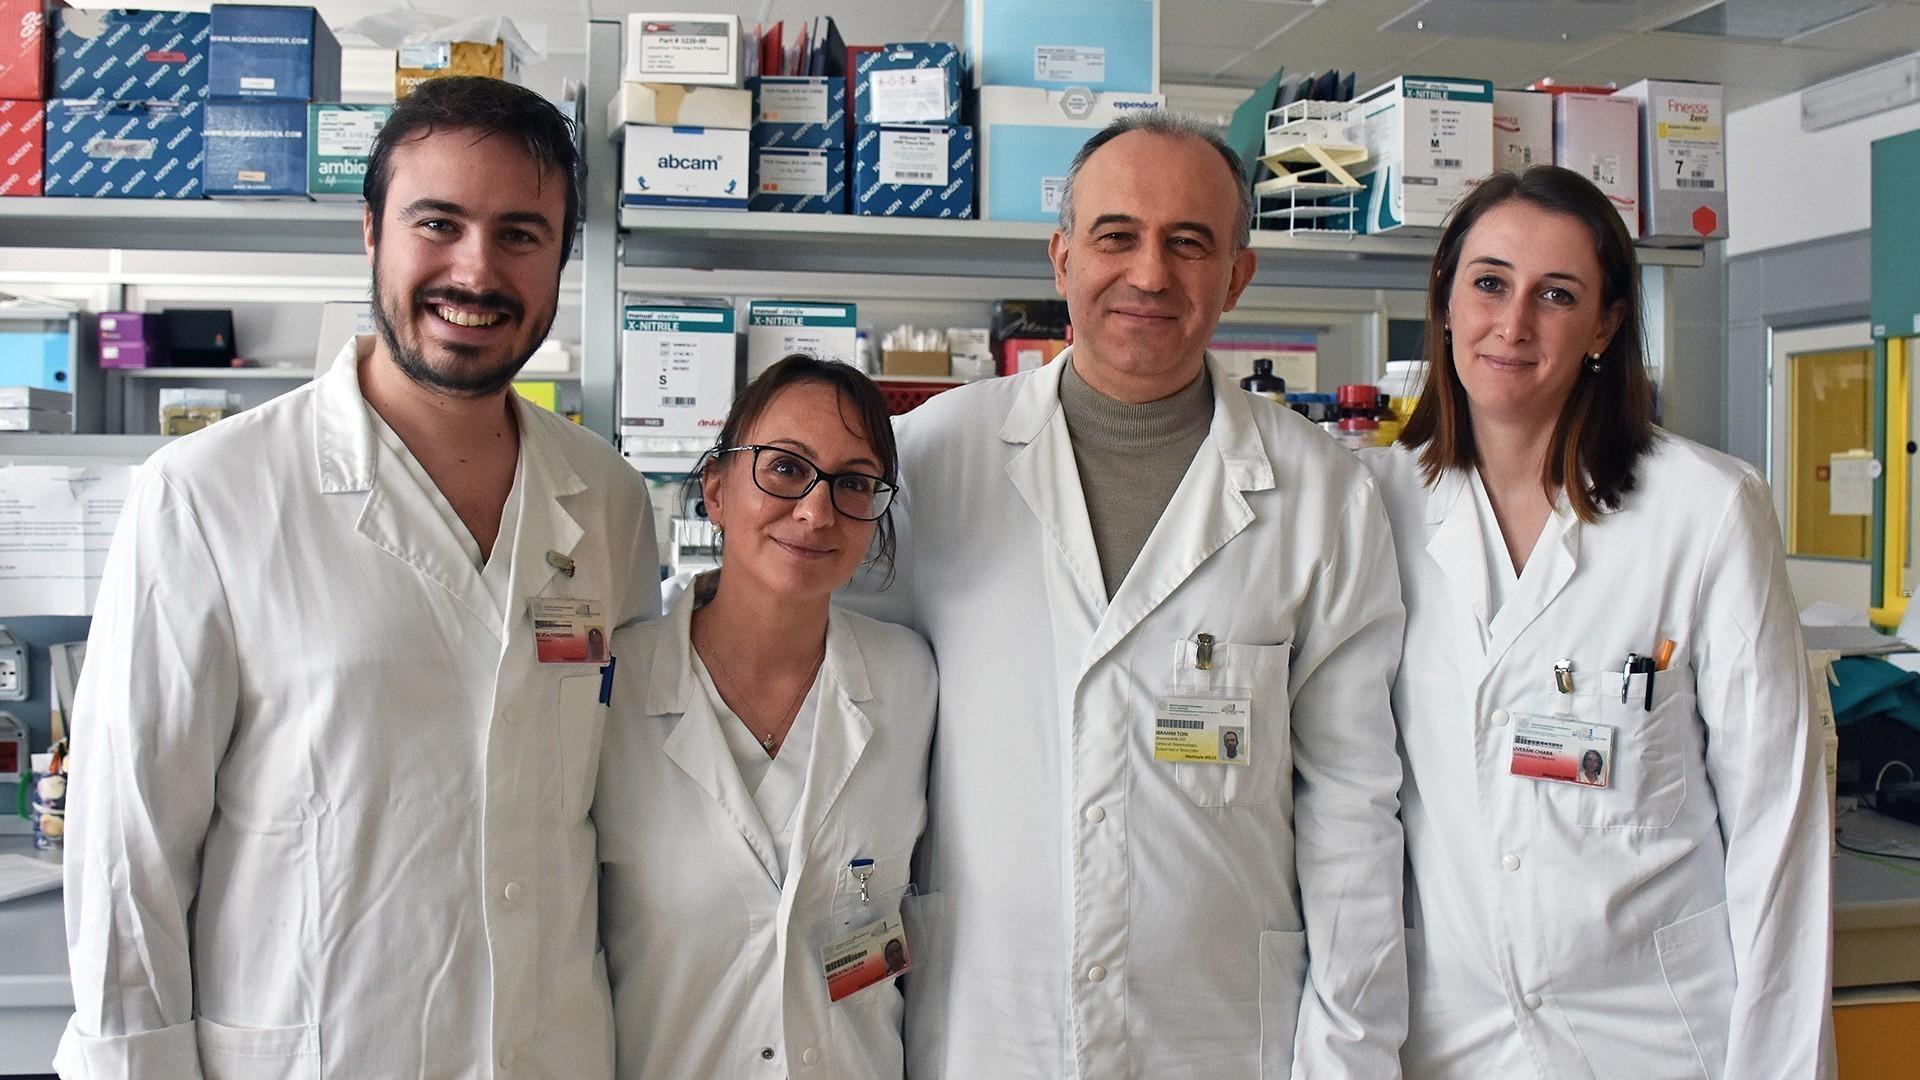 Da sinistra a destra: Alessandro De Vita, Laura Mercatali, Toni Ibrahim, Chiara Liverani